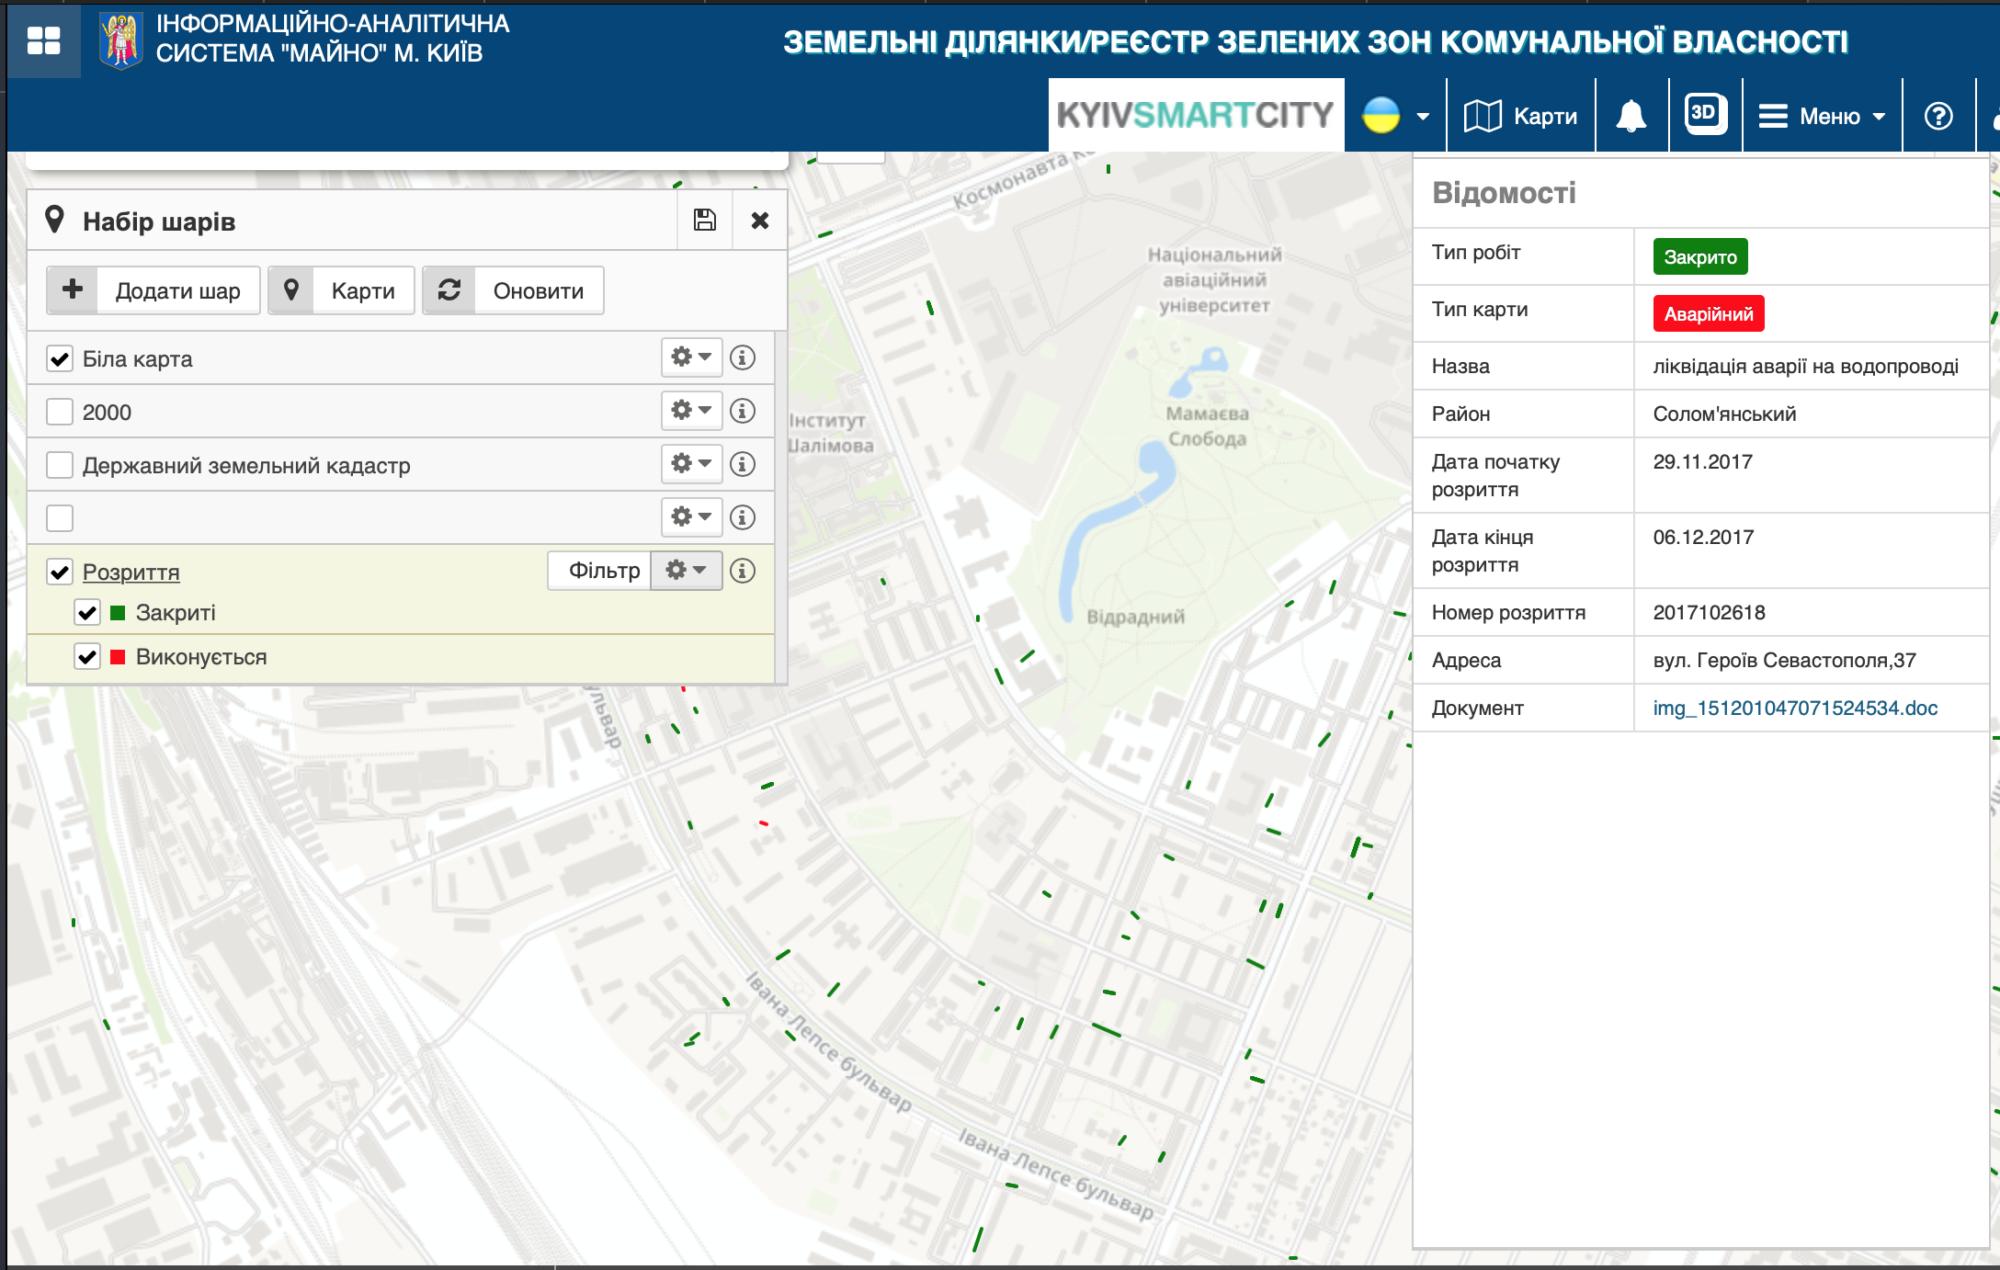 У Києві запустили онлайн-карту ремонтних робіт - Ремонт - Snymok ekrana 2020 01 29 v 15.57.19 2000x1270